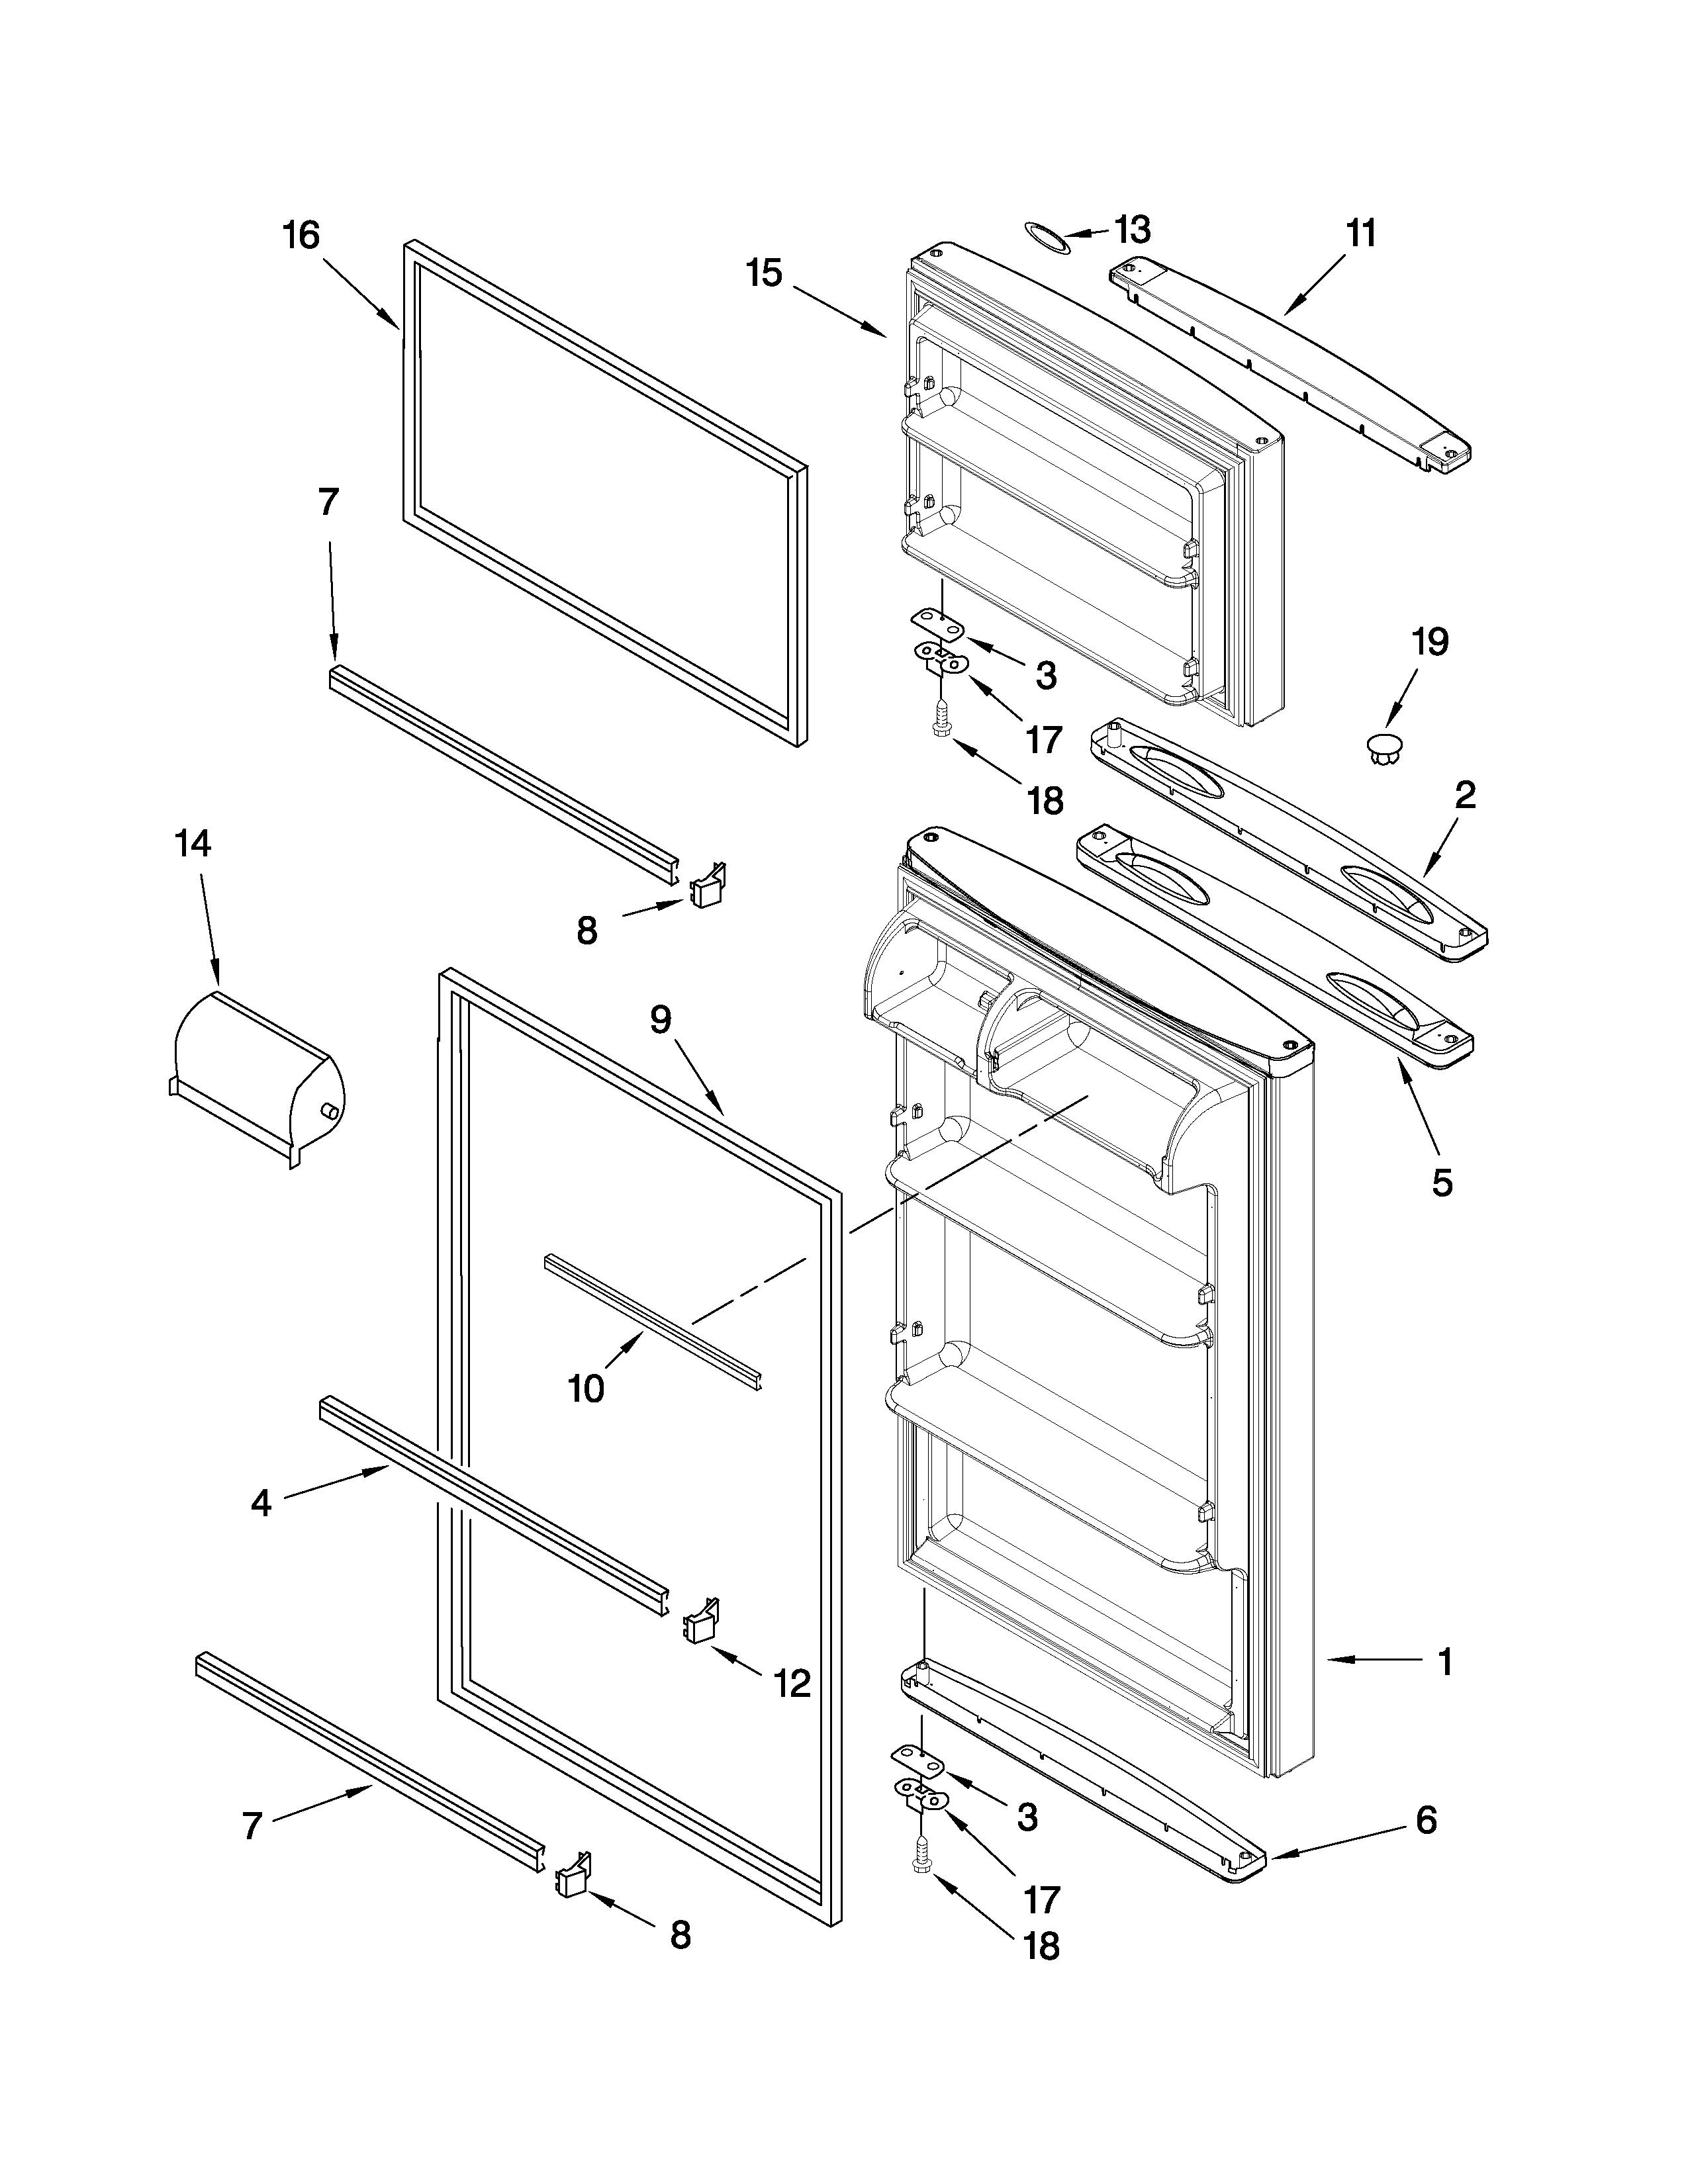 kenmore 106 refrigerator parts diagram understanding car wiring diagrams refrigerators inglis